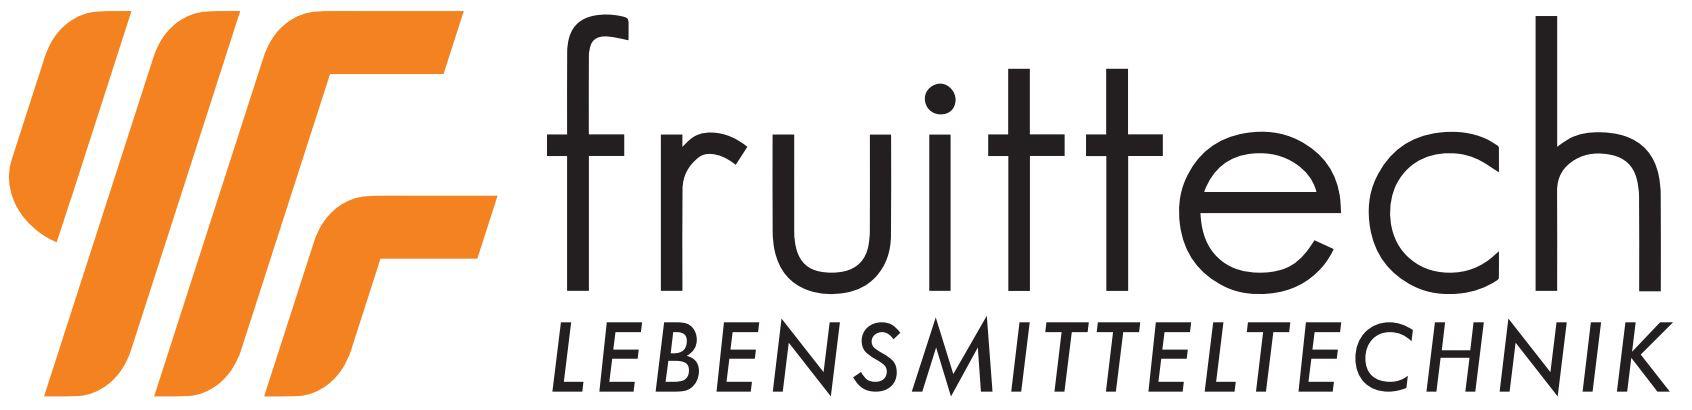 fruittech Lebensmittel- & Pharmazietechnik GmbH | Veredelung von Lebensmittel - Raab/Oberösterreich; Abfüll- Entstein- Passier- Erhitzungs- Wasch- Mahlanlagen; Pumpen